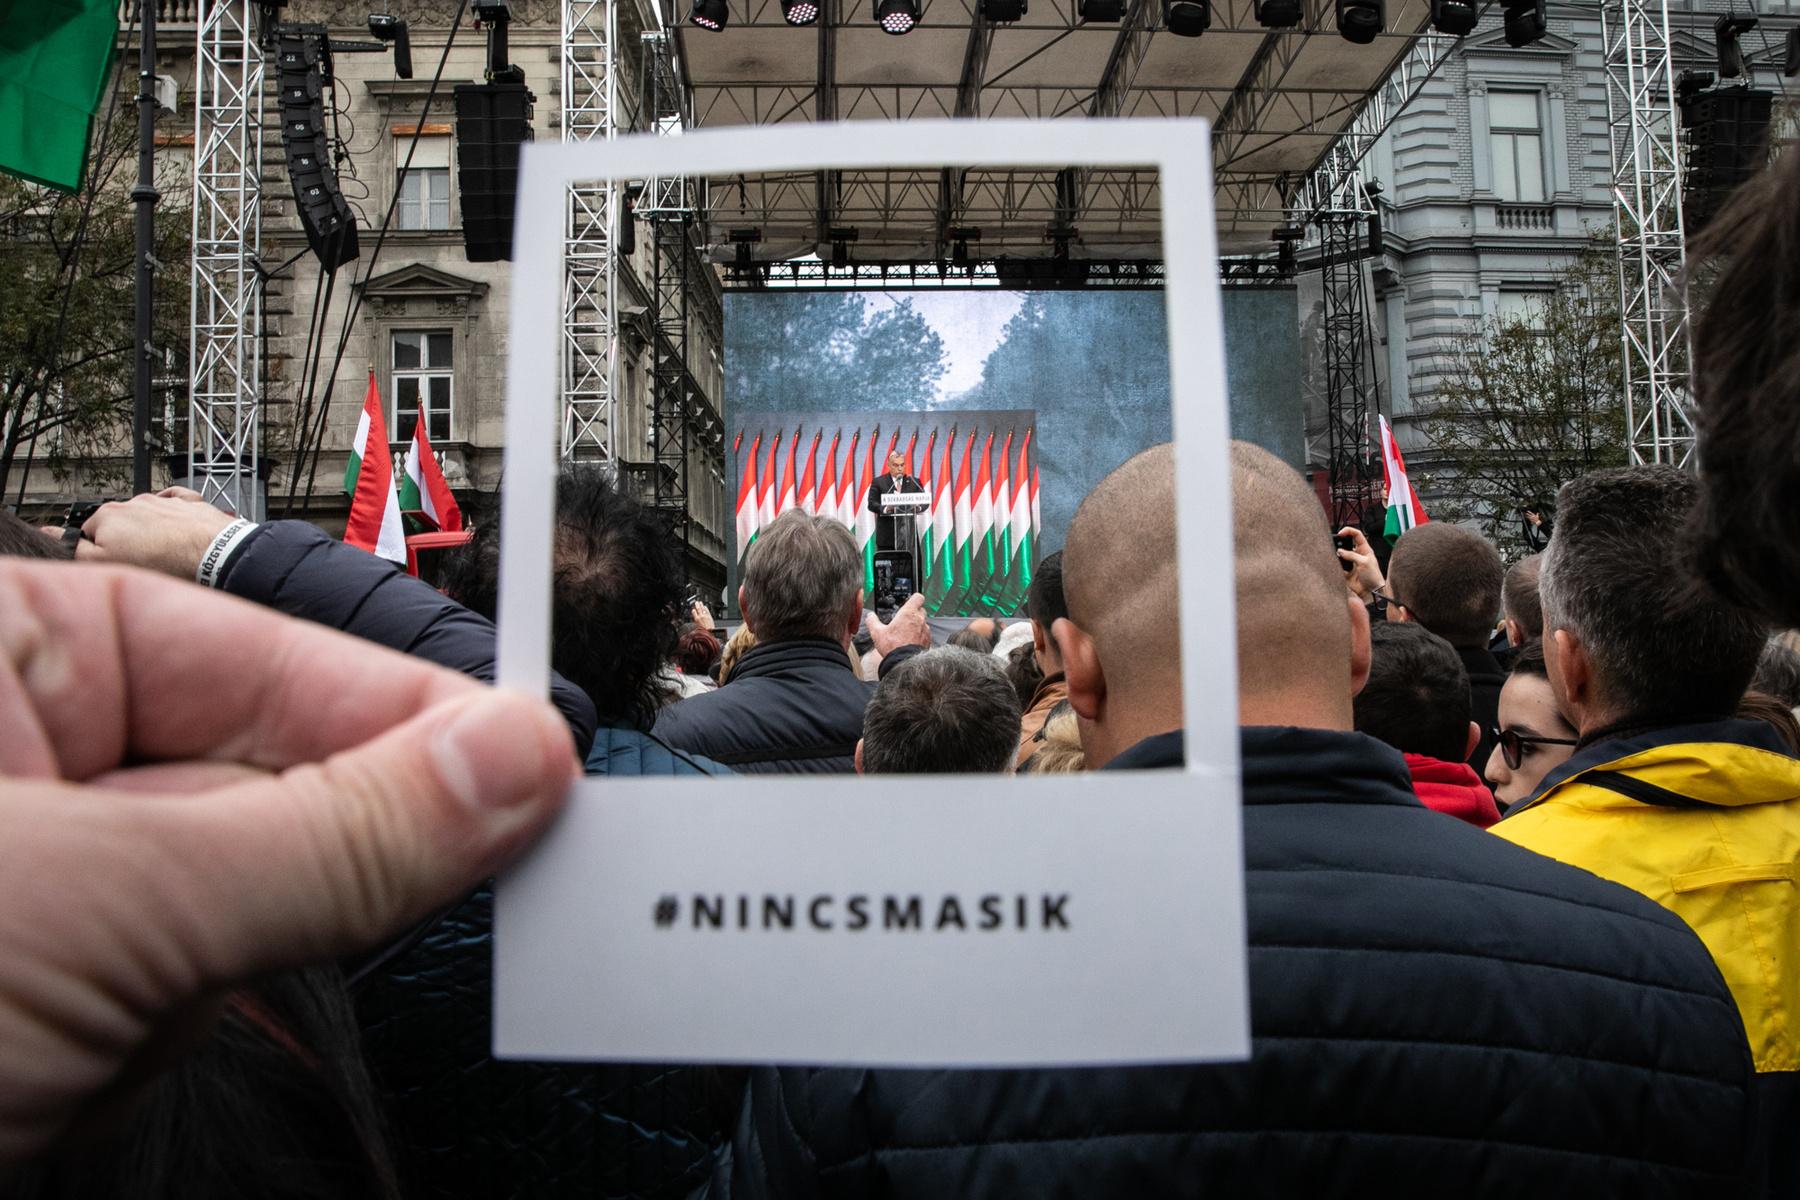 Te is markolhatsz magadnak ilyen keretet azokon a belvárosi helyeken, ahol Indexes kitűzőket és matricákat is!.   Ezeken a helyeken keressétek (Budapesten), igyekszünk pótolni, ha elfogynak: Kisüzem, Nappali, Görzenál, Béla Bar Budapest, Láng Téka, Nos a Hely.ps.: küldjetek nekünk #nincsmasik fotókat Instagramon, mi meg tovább osztunk titeket!